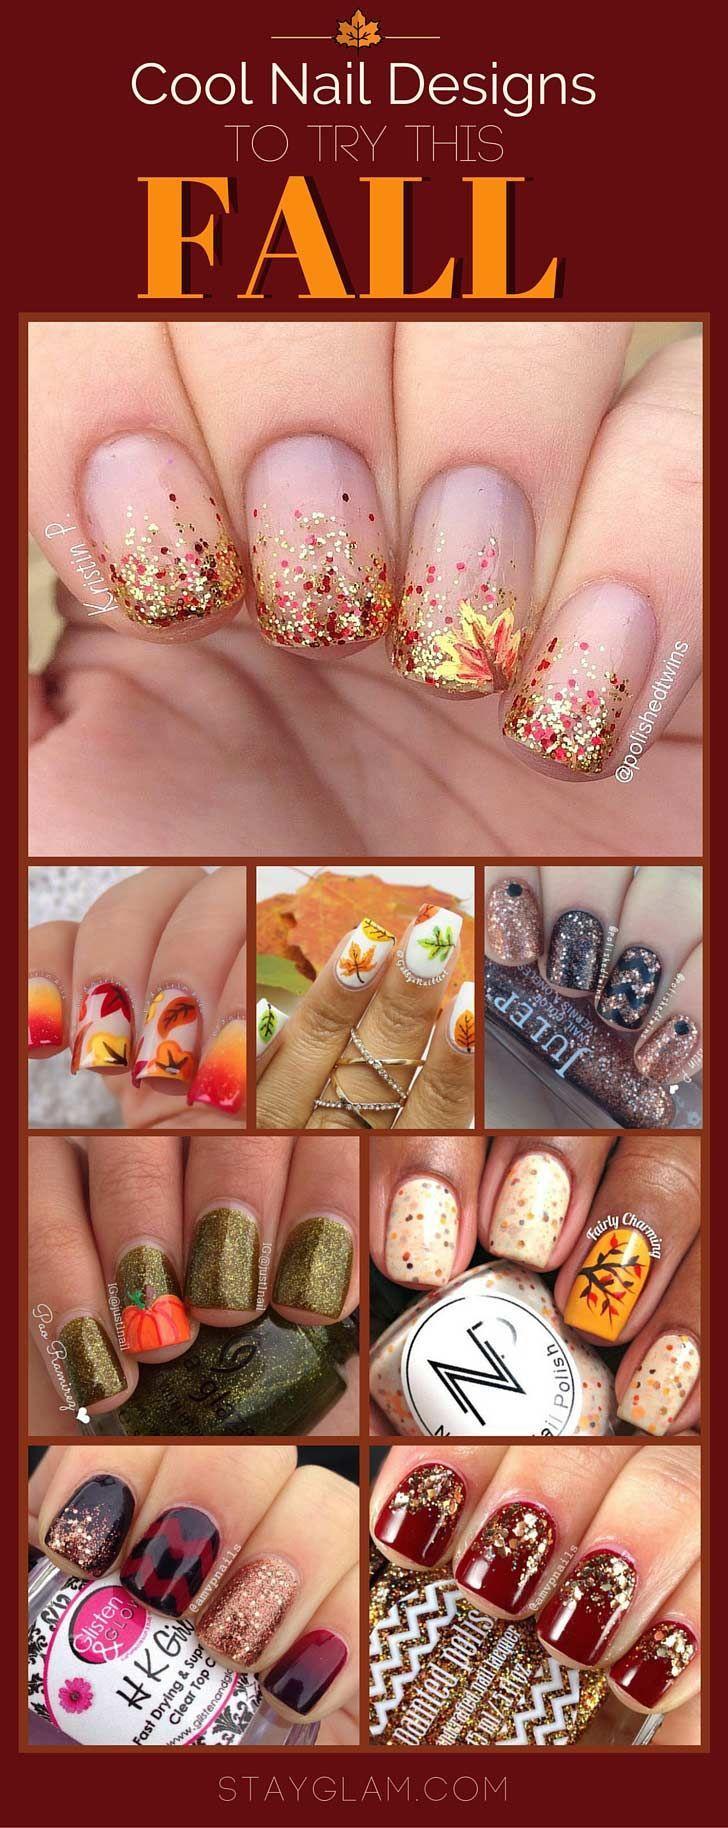 Best 25+ Fall pedicure ideas on Pinterest | Fall gel nails ...